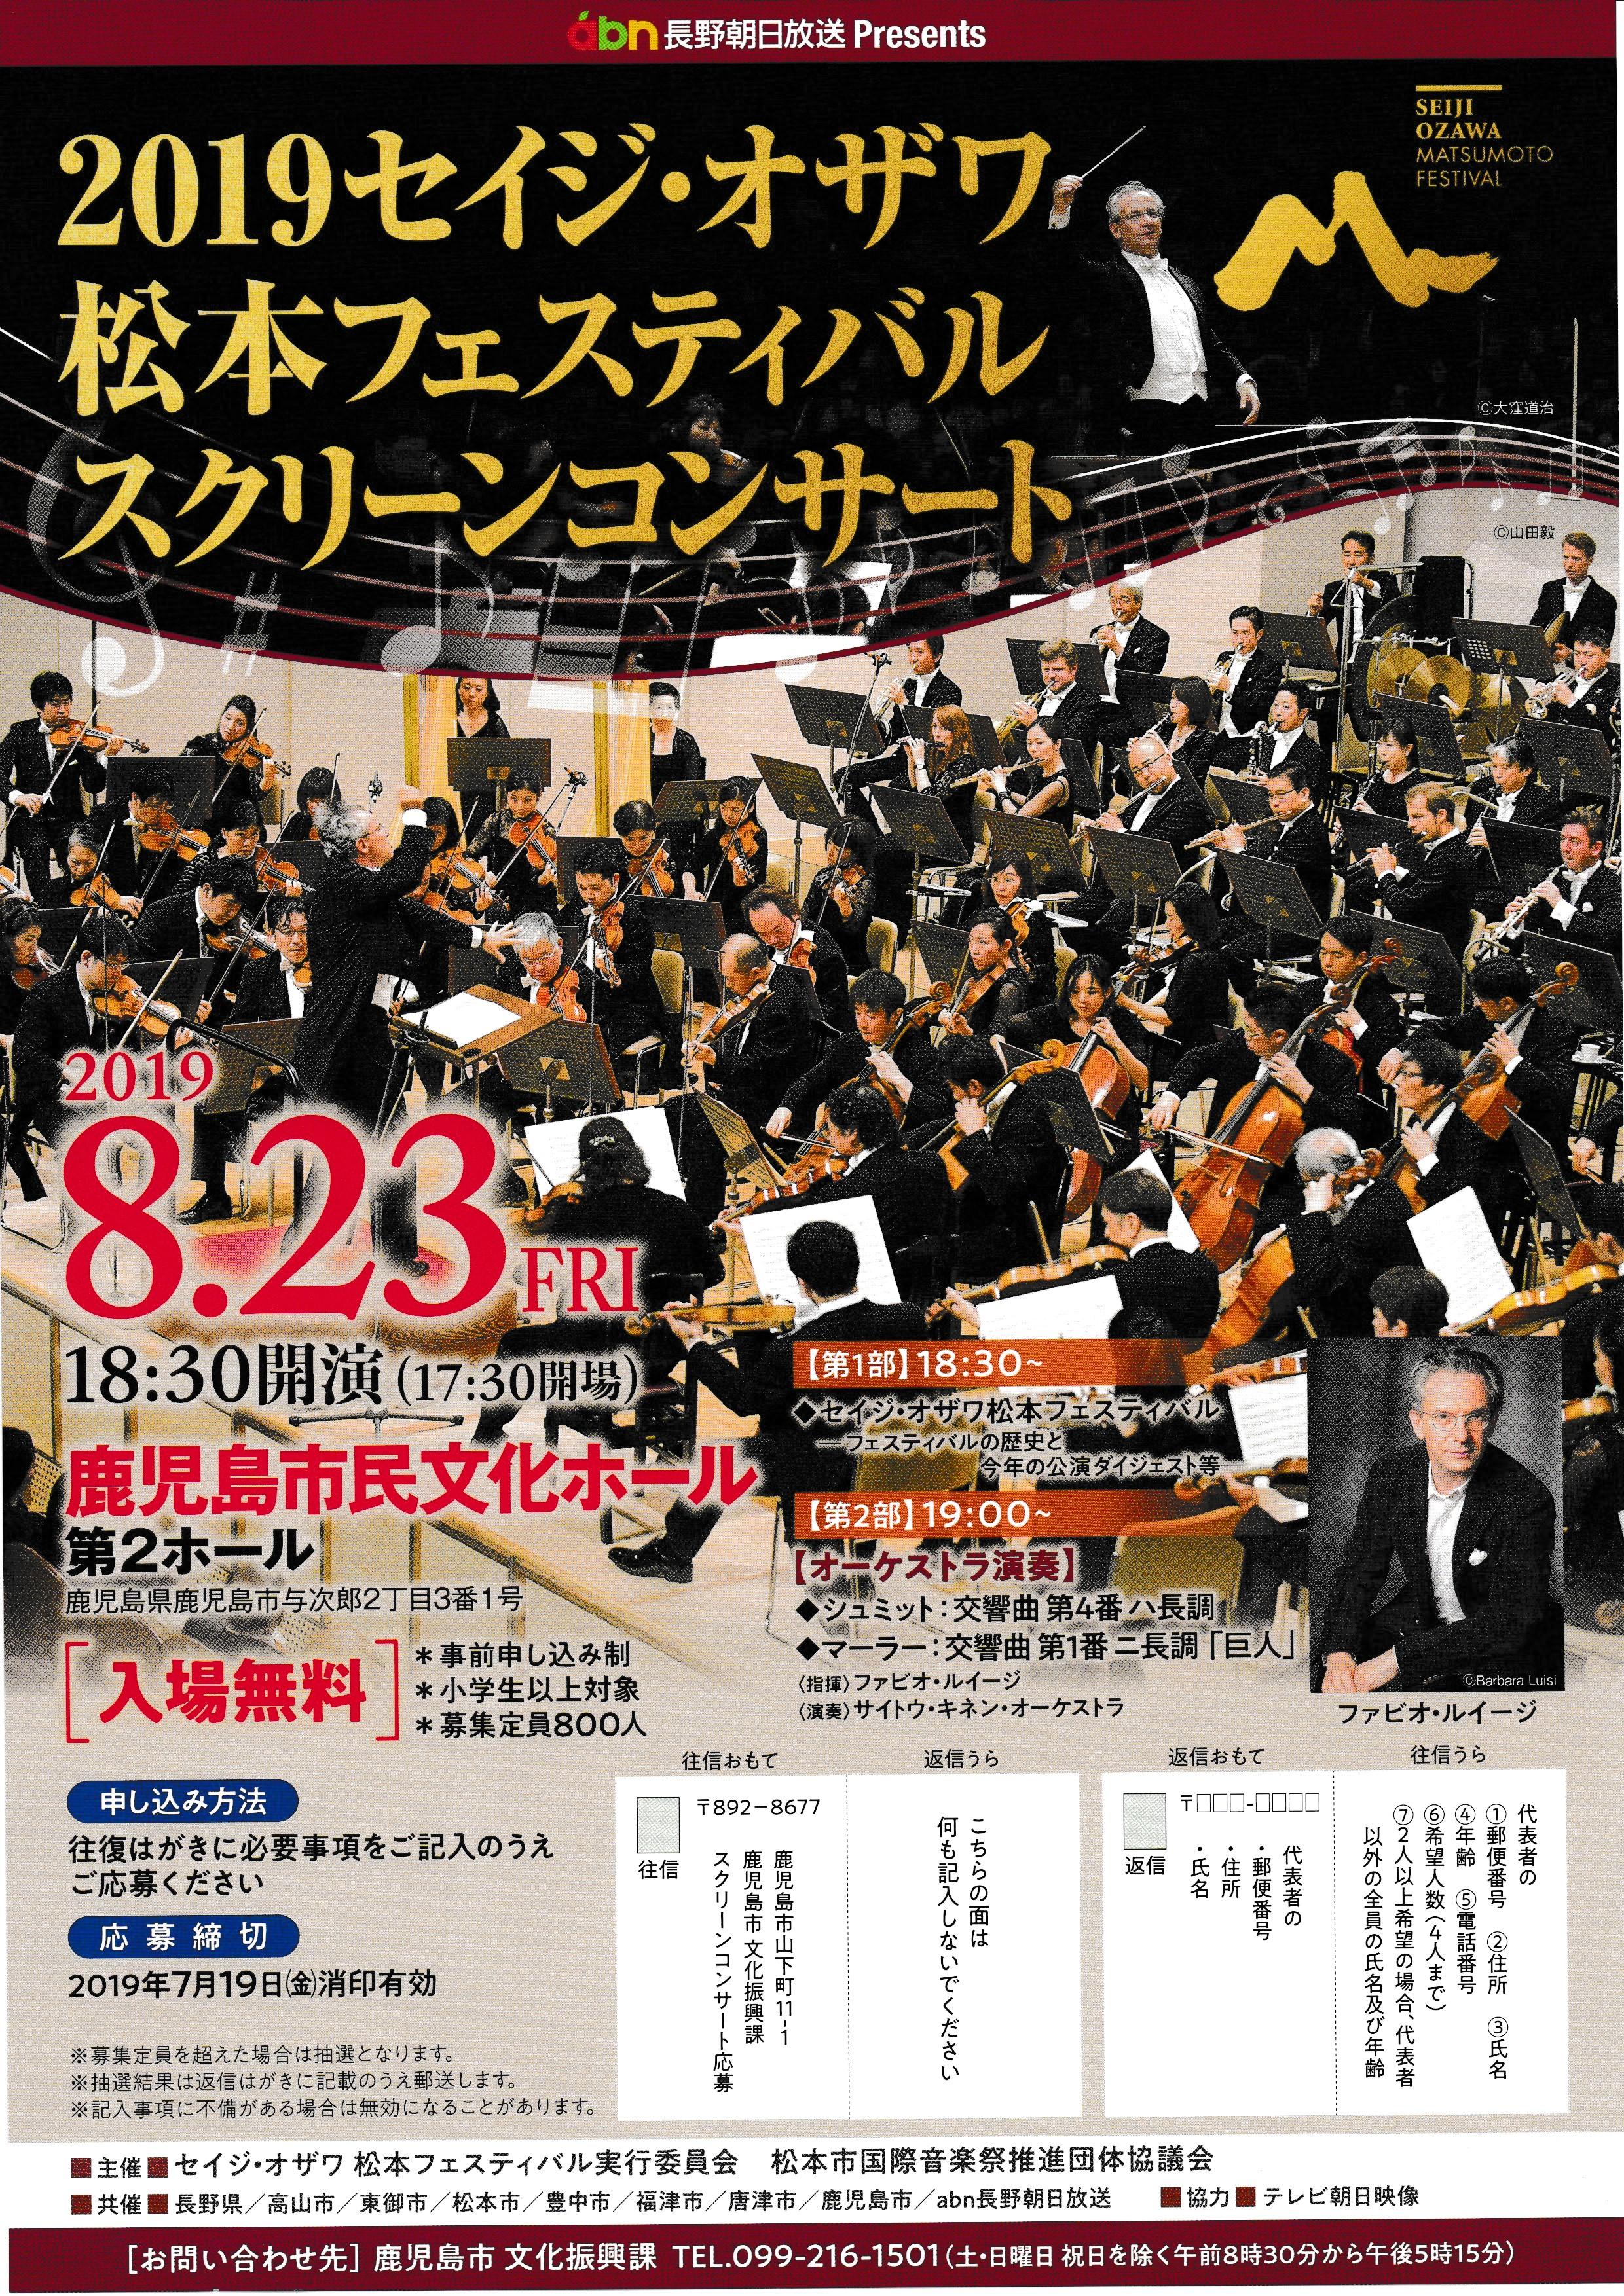 2019セイジ・オザワ松本フェスティバル スクリーンコンサート